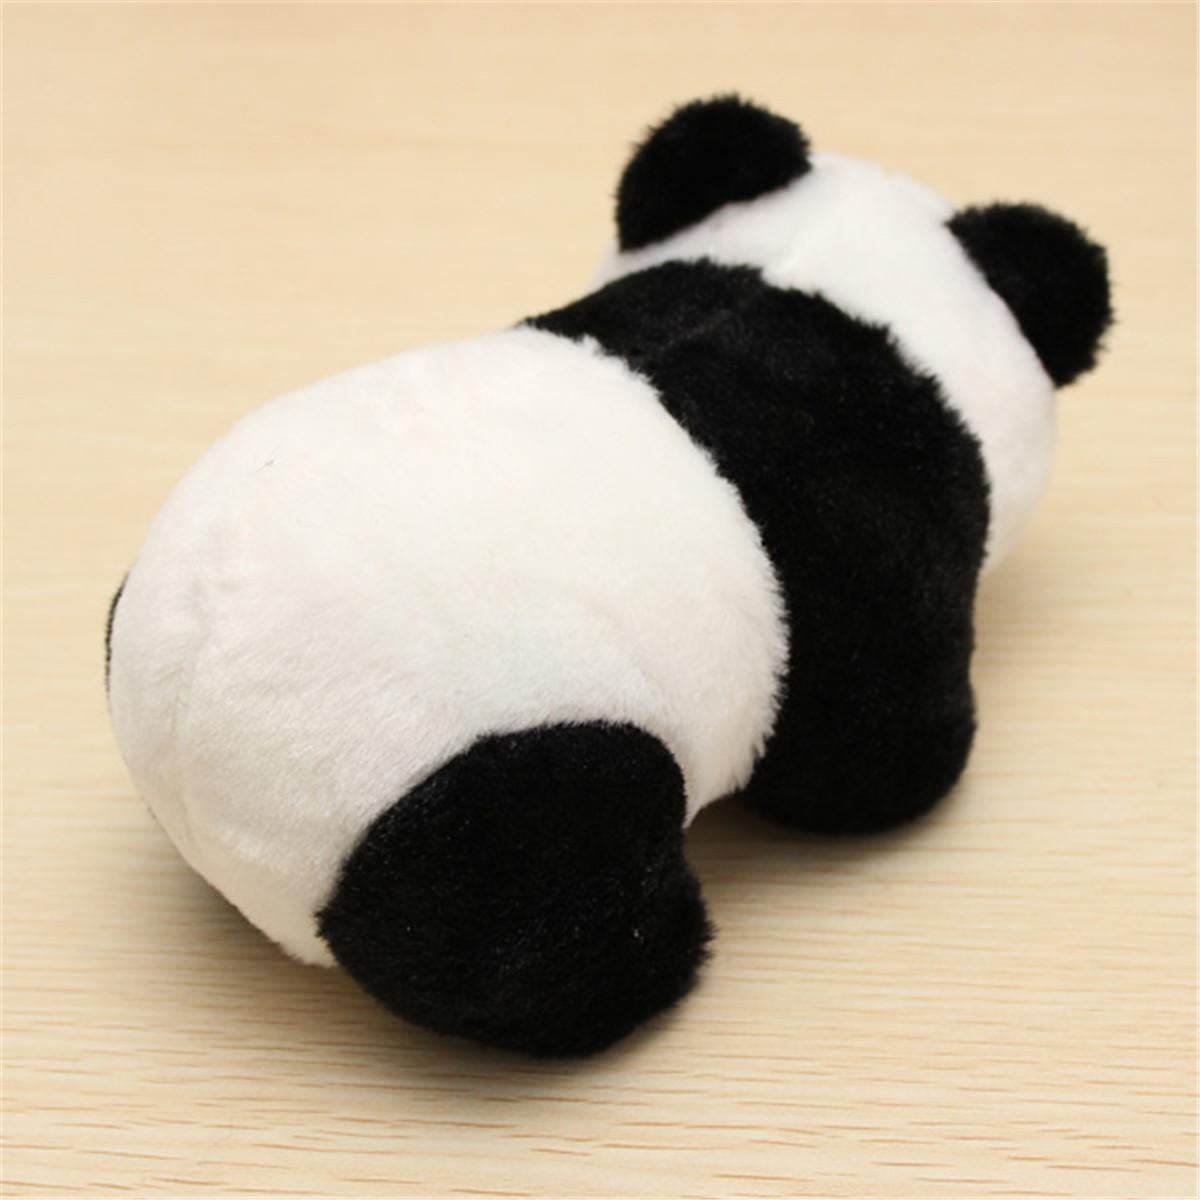 Cute Panda Pillow : Stuffed Plush Doll Toy Animal Cute Panda Pillow Holiday Gift 16cm 25cm 31cm eBay